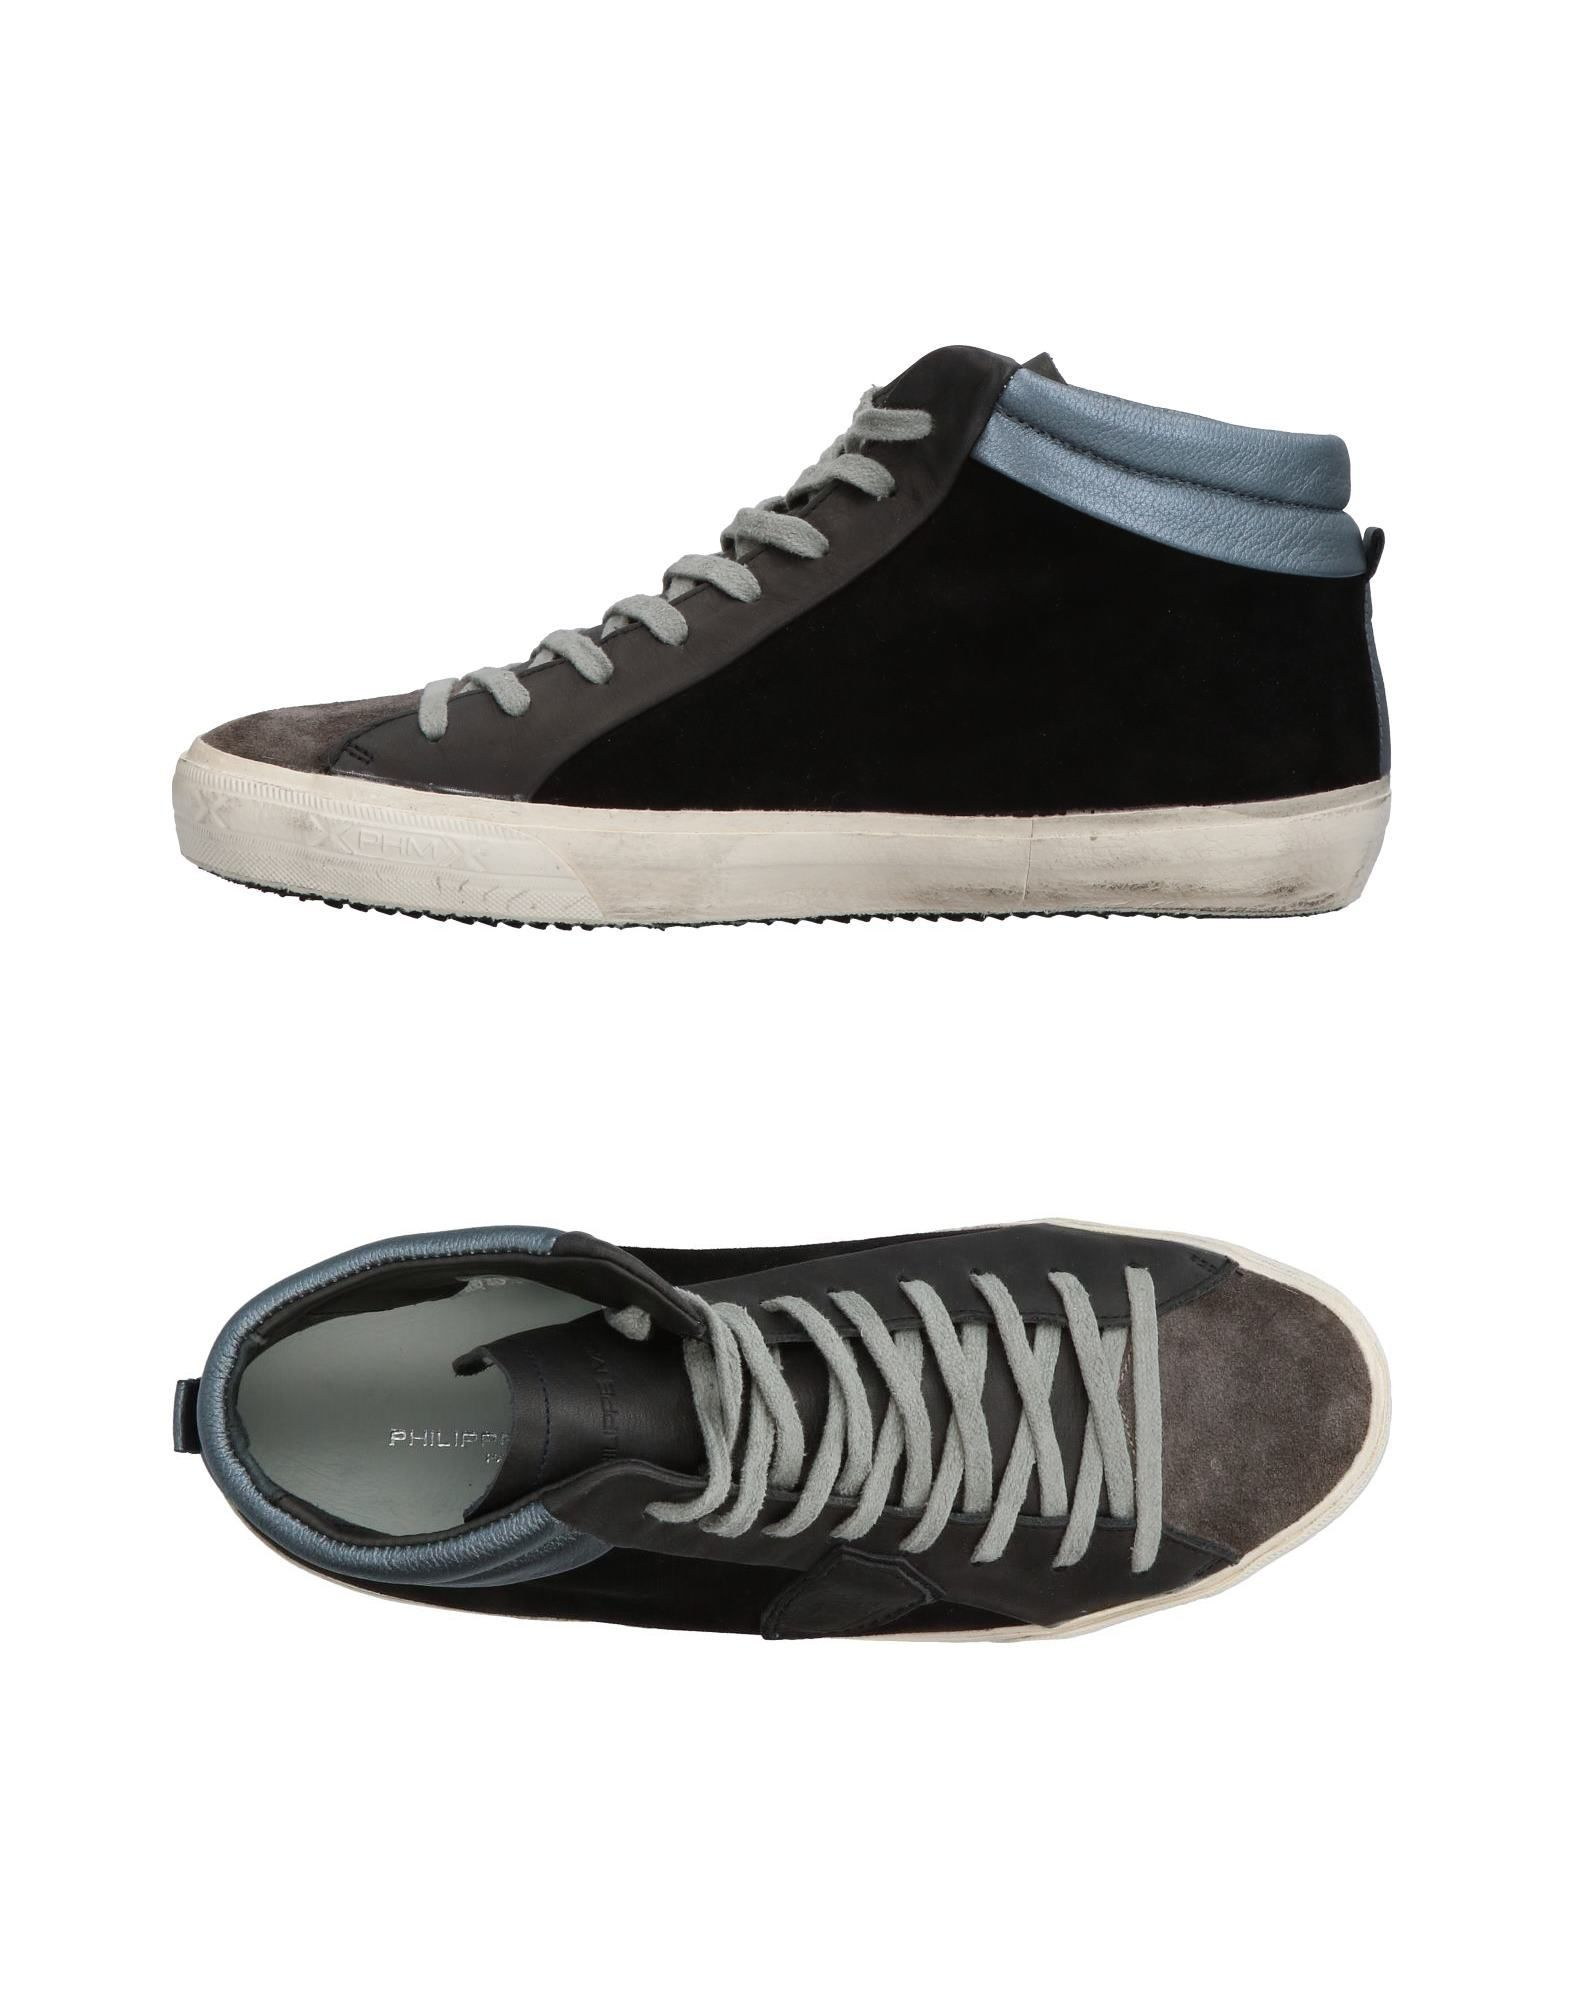 Philippe Model Sneakers Herren  11357015IH Gute Qualität beliebte Schuhe